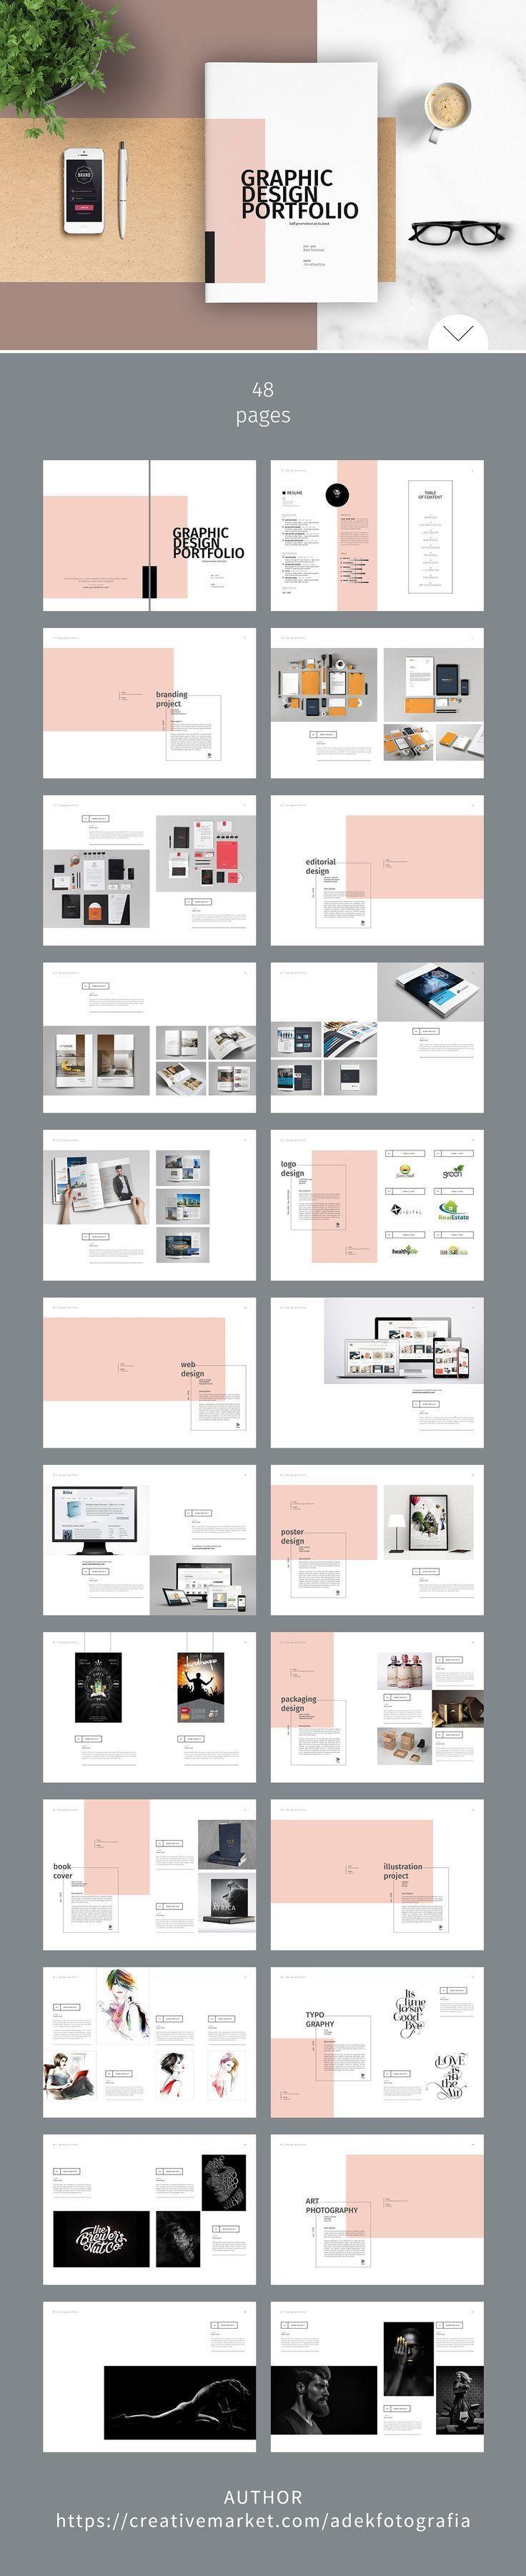 Grafikdesign-Portfolio-Vorlage #broschüren #einfach #layout #portfolio